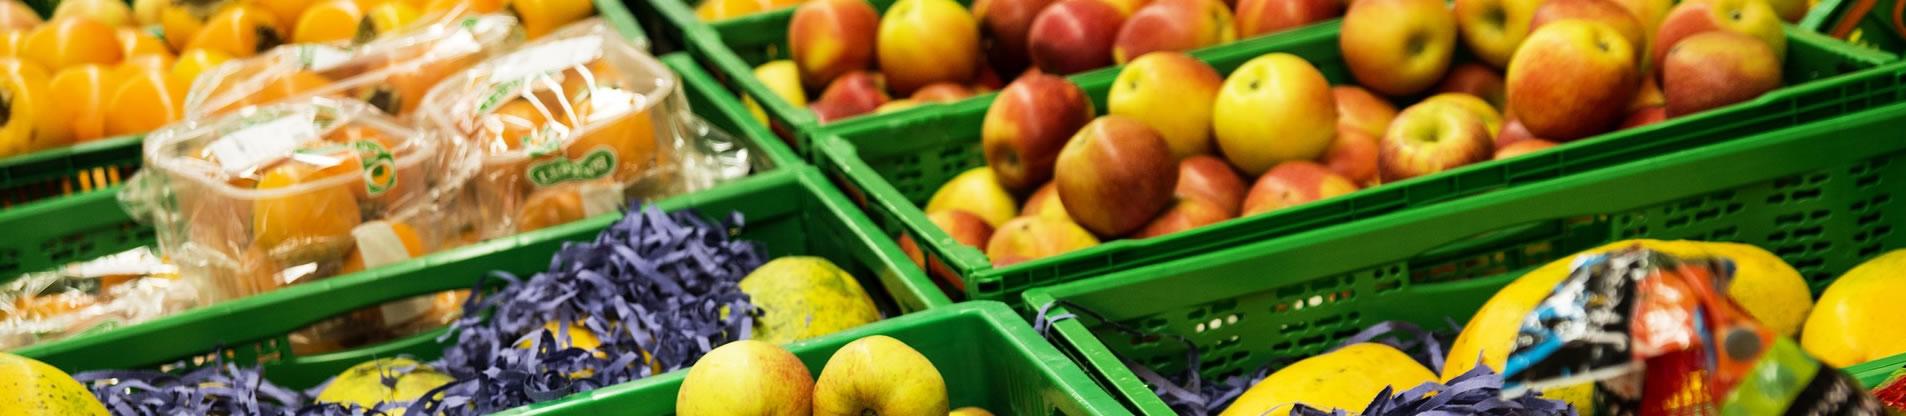 importateur-de-fruits-exotiques-et-fruits-de-contre-saison-marseille-france-11